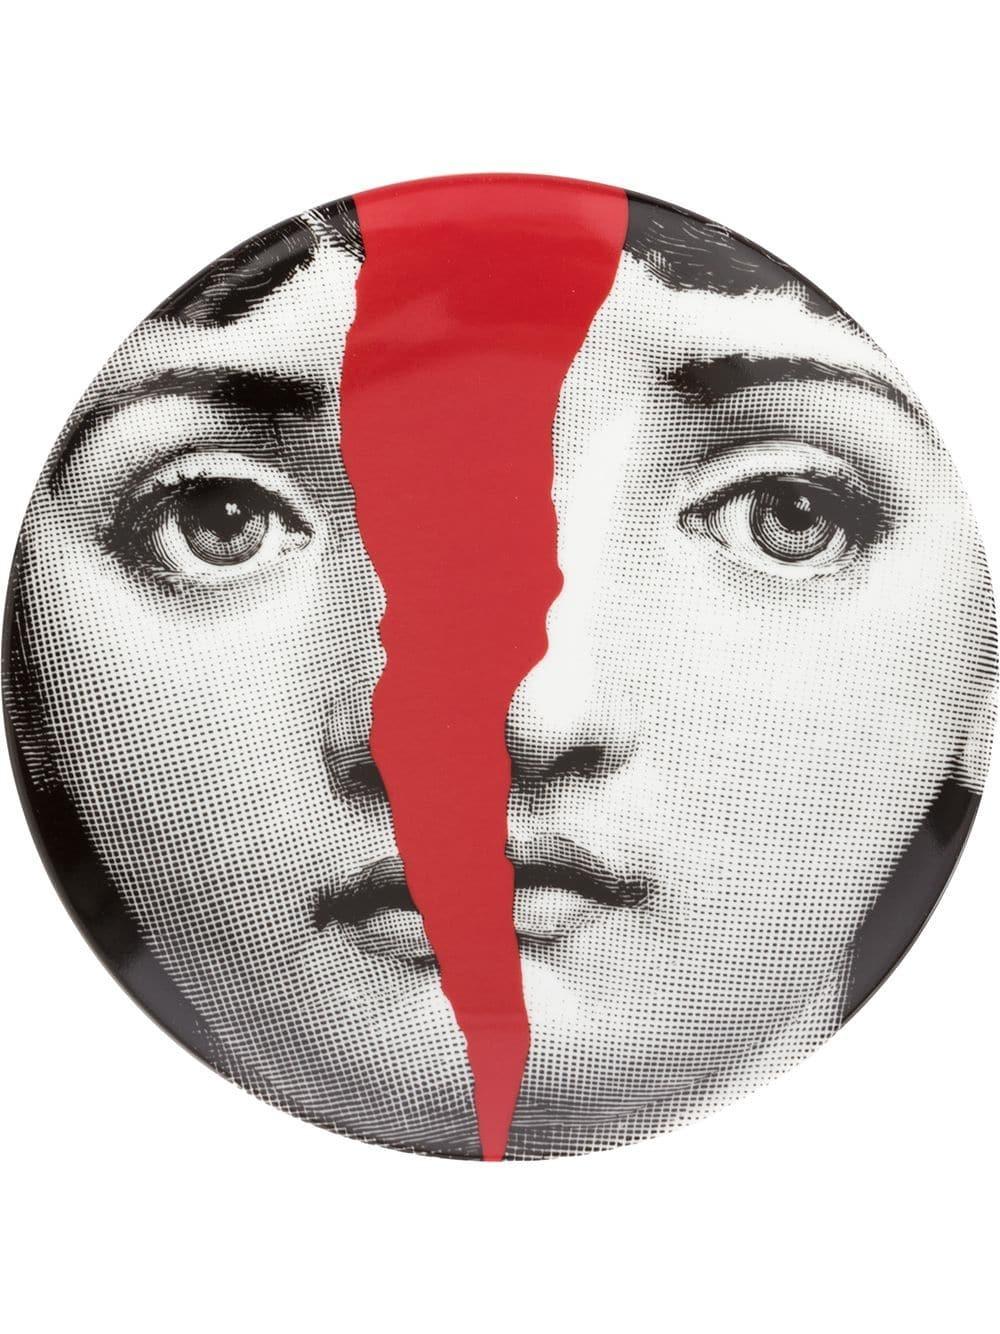 Prato De Parede T E V N10 | branco preto e vermelho